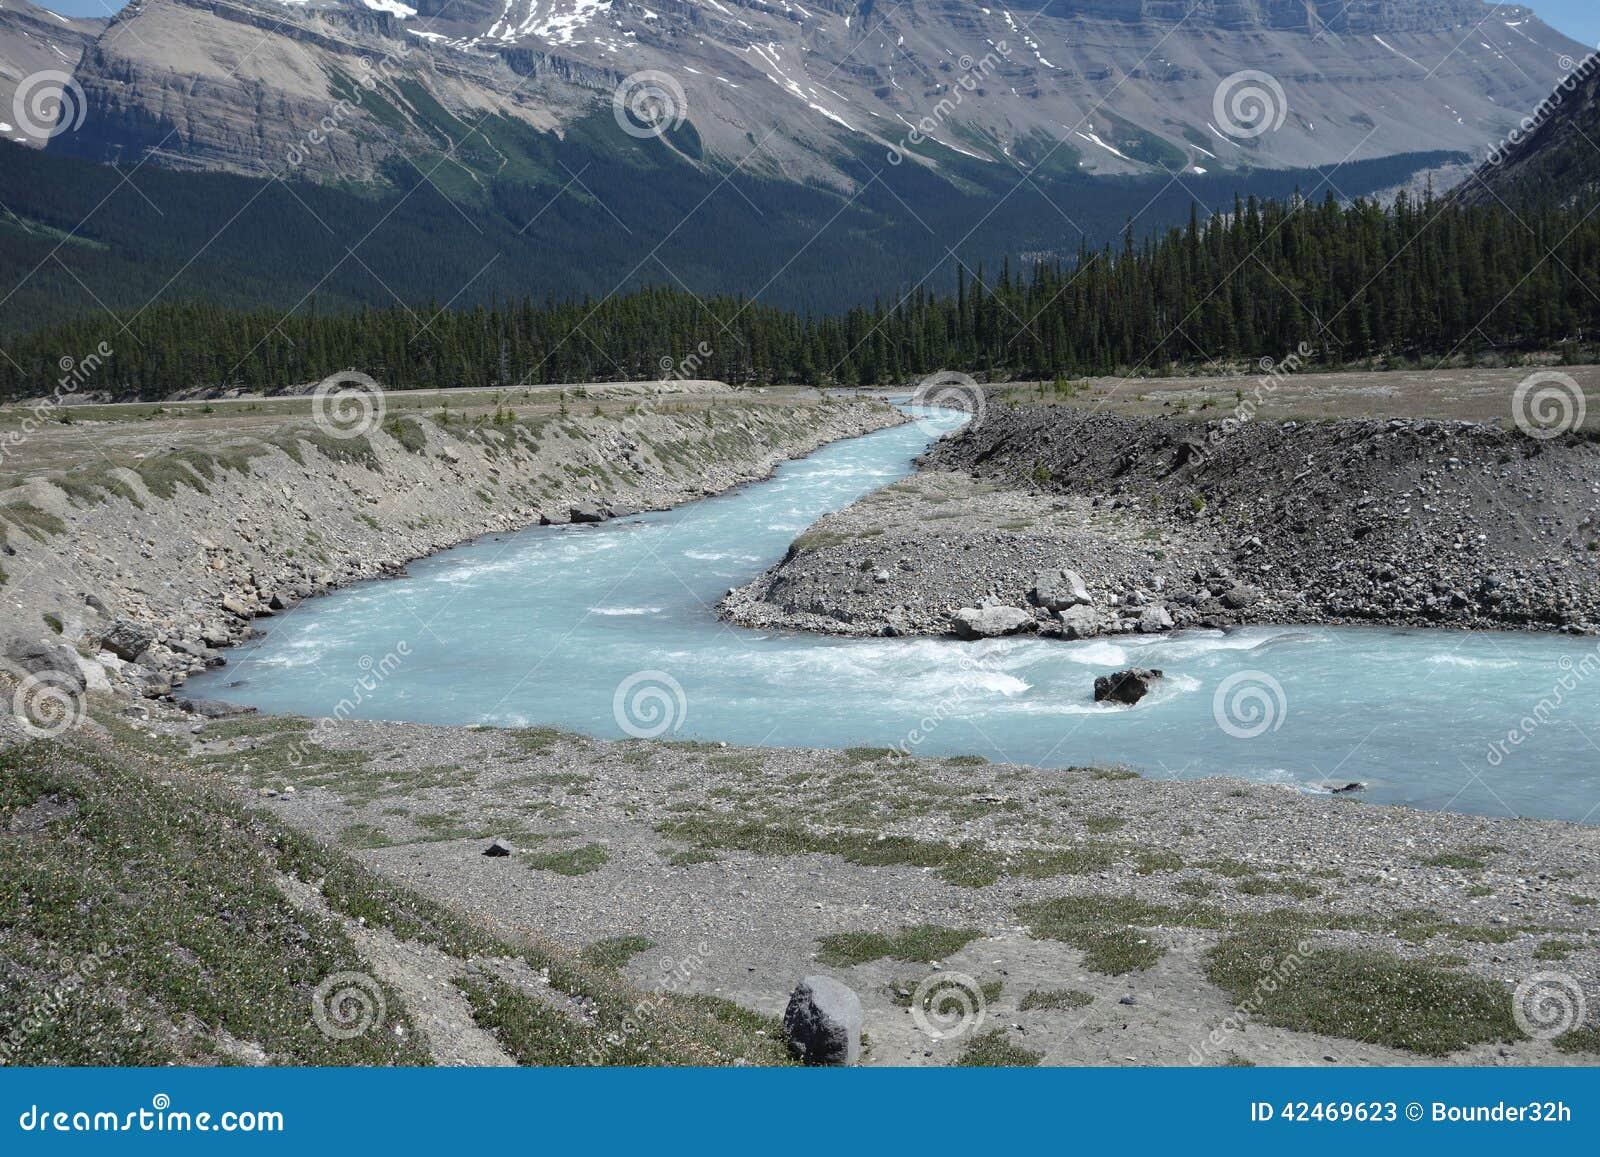 Ein Fluss, der durch eine alluviale Ebene läuft